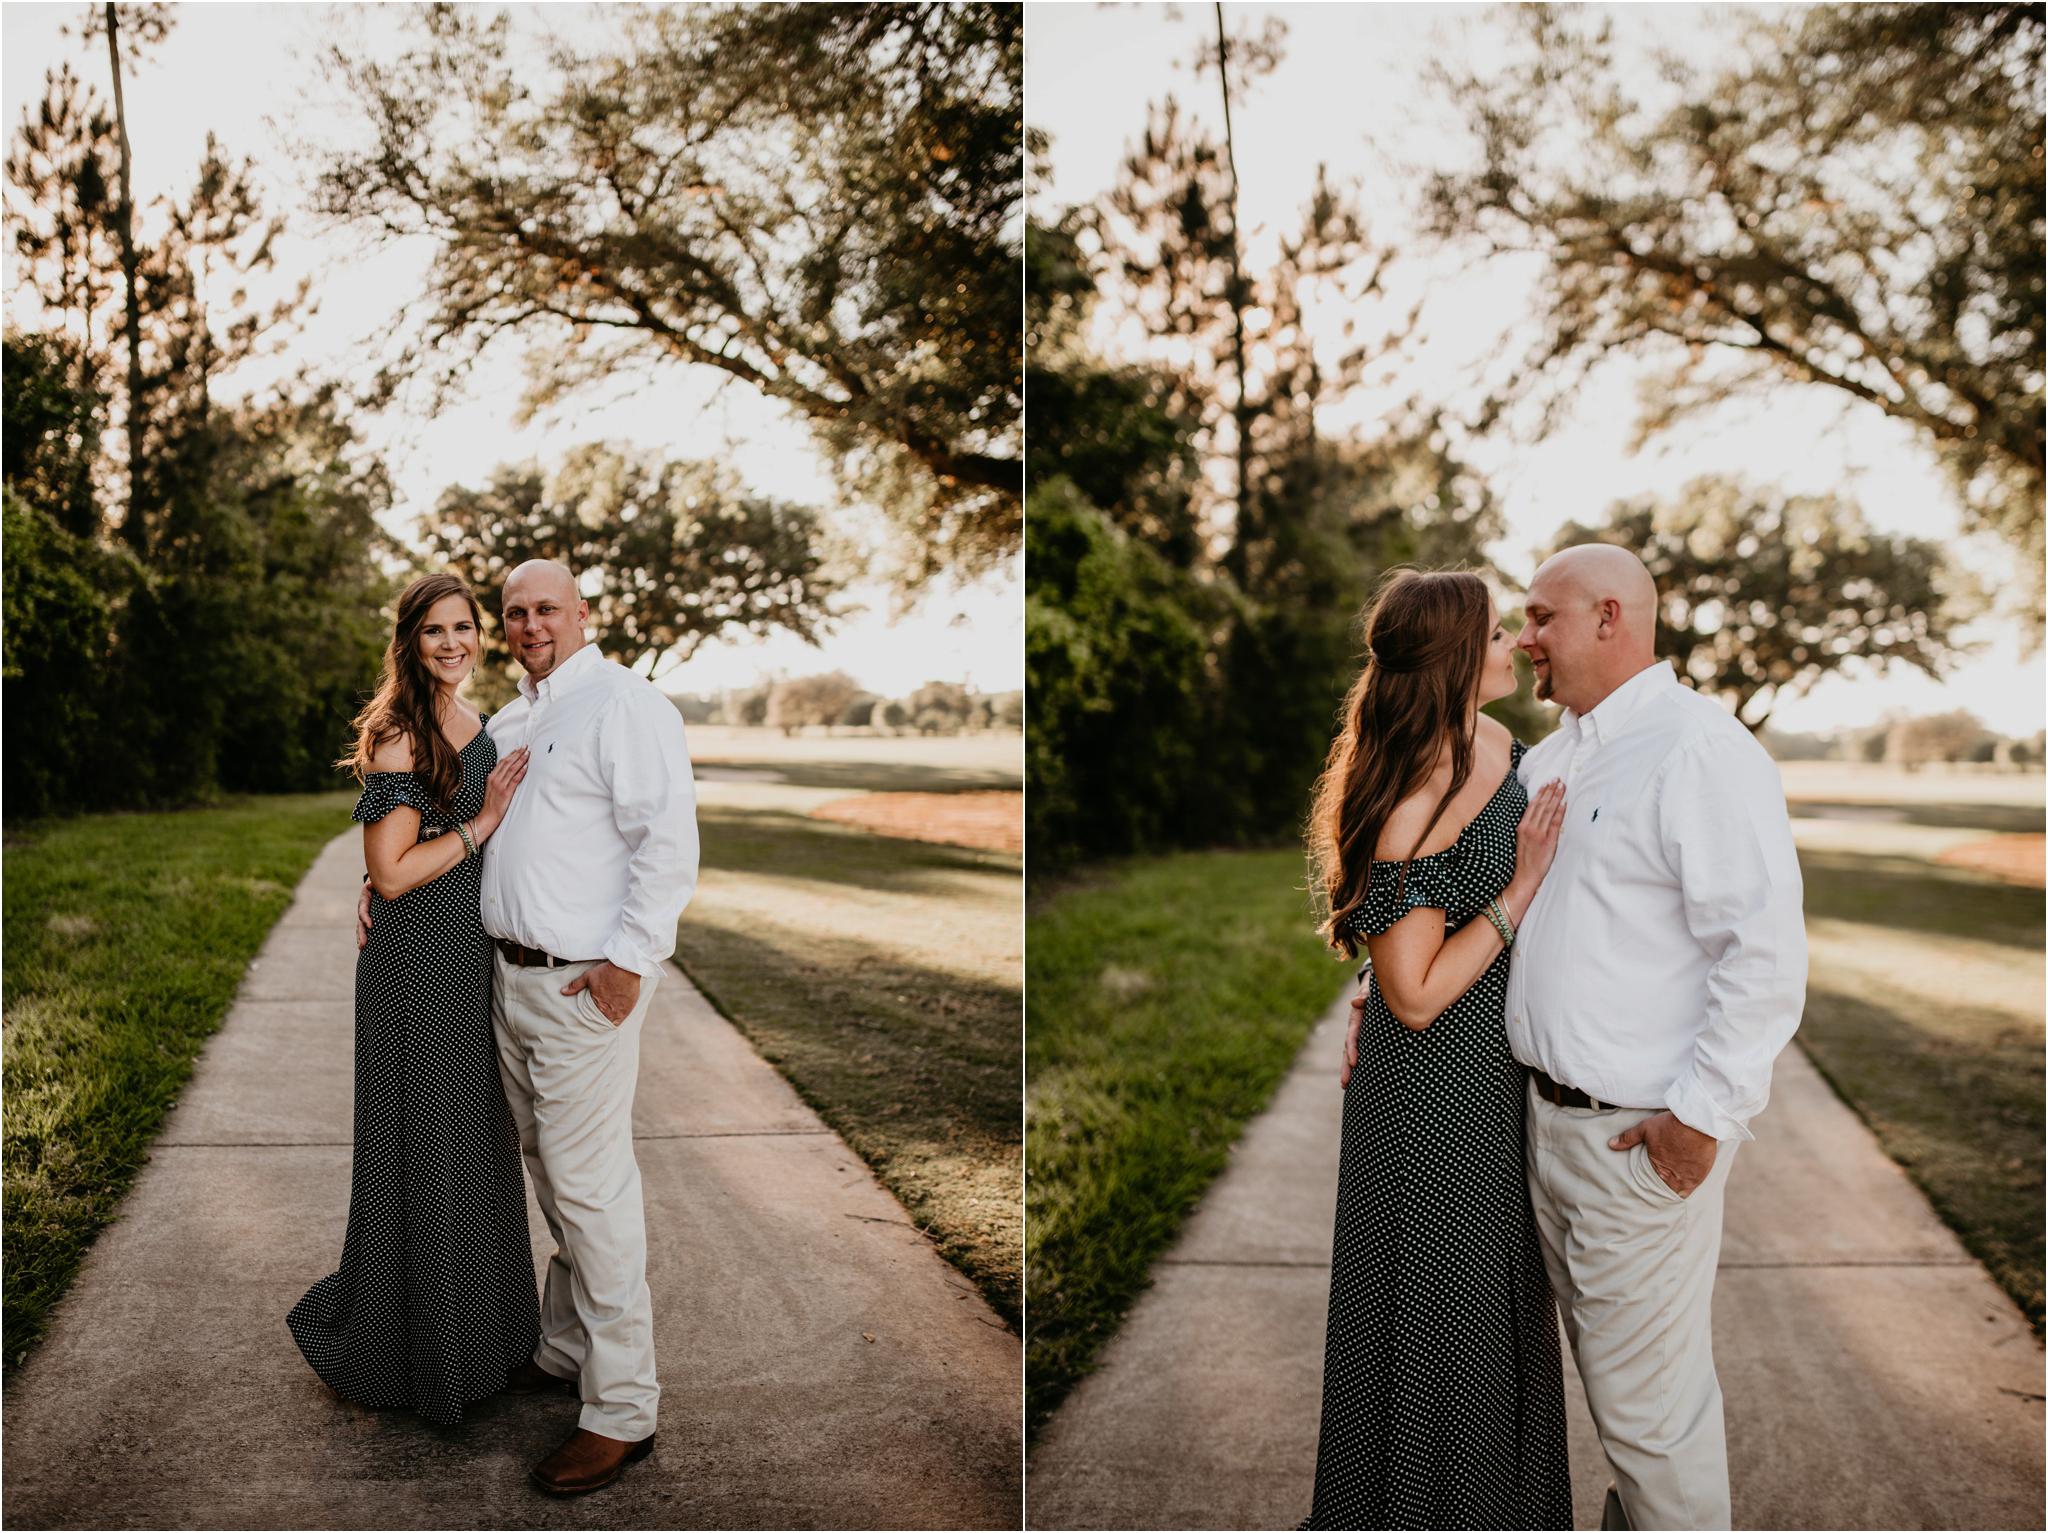 katie-and-eric-houston-oaks-engagement-session-houston-wedding-photographer-020.jpg